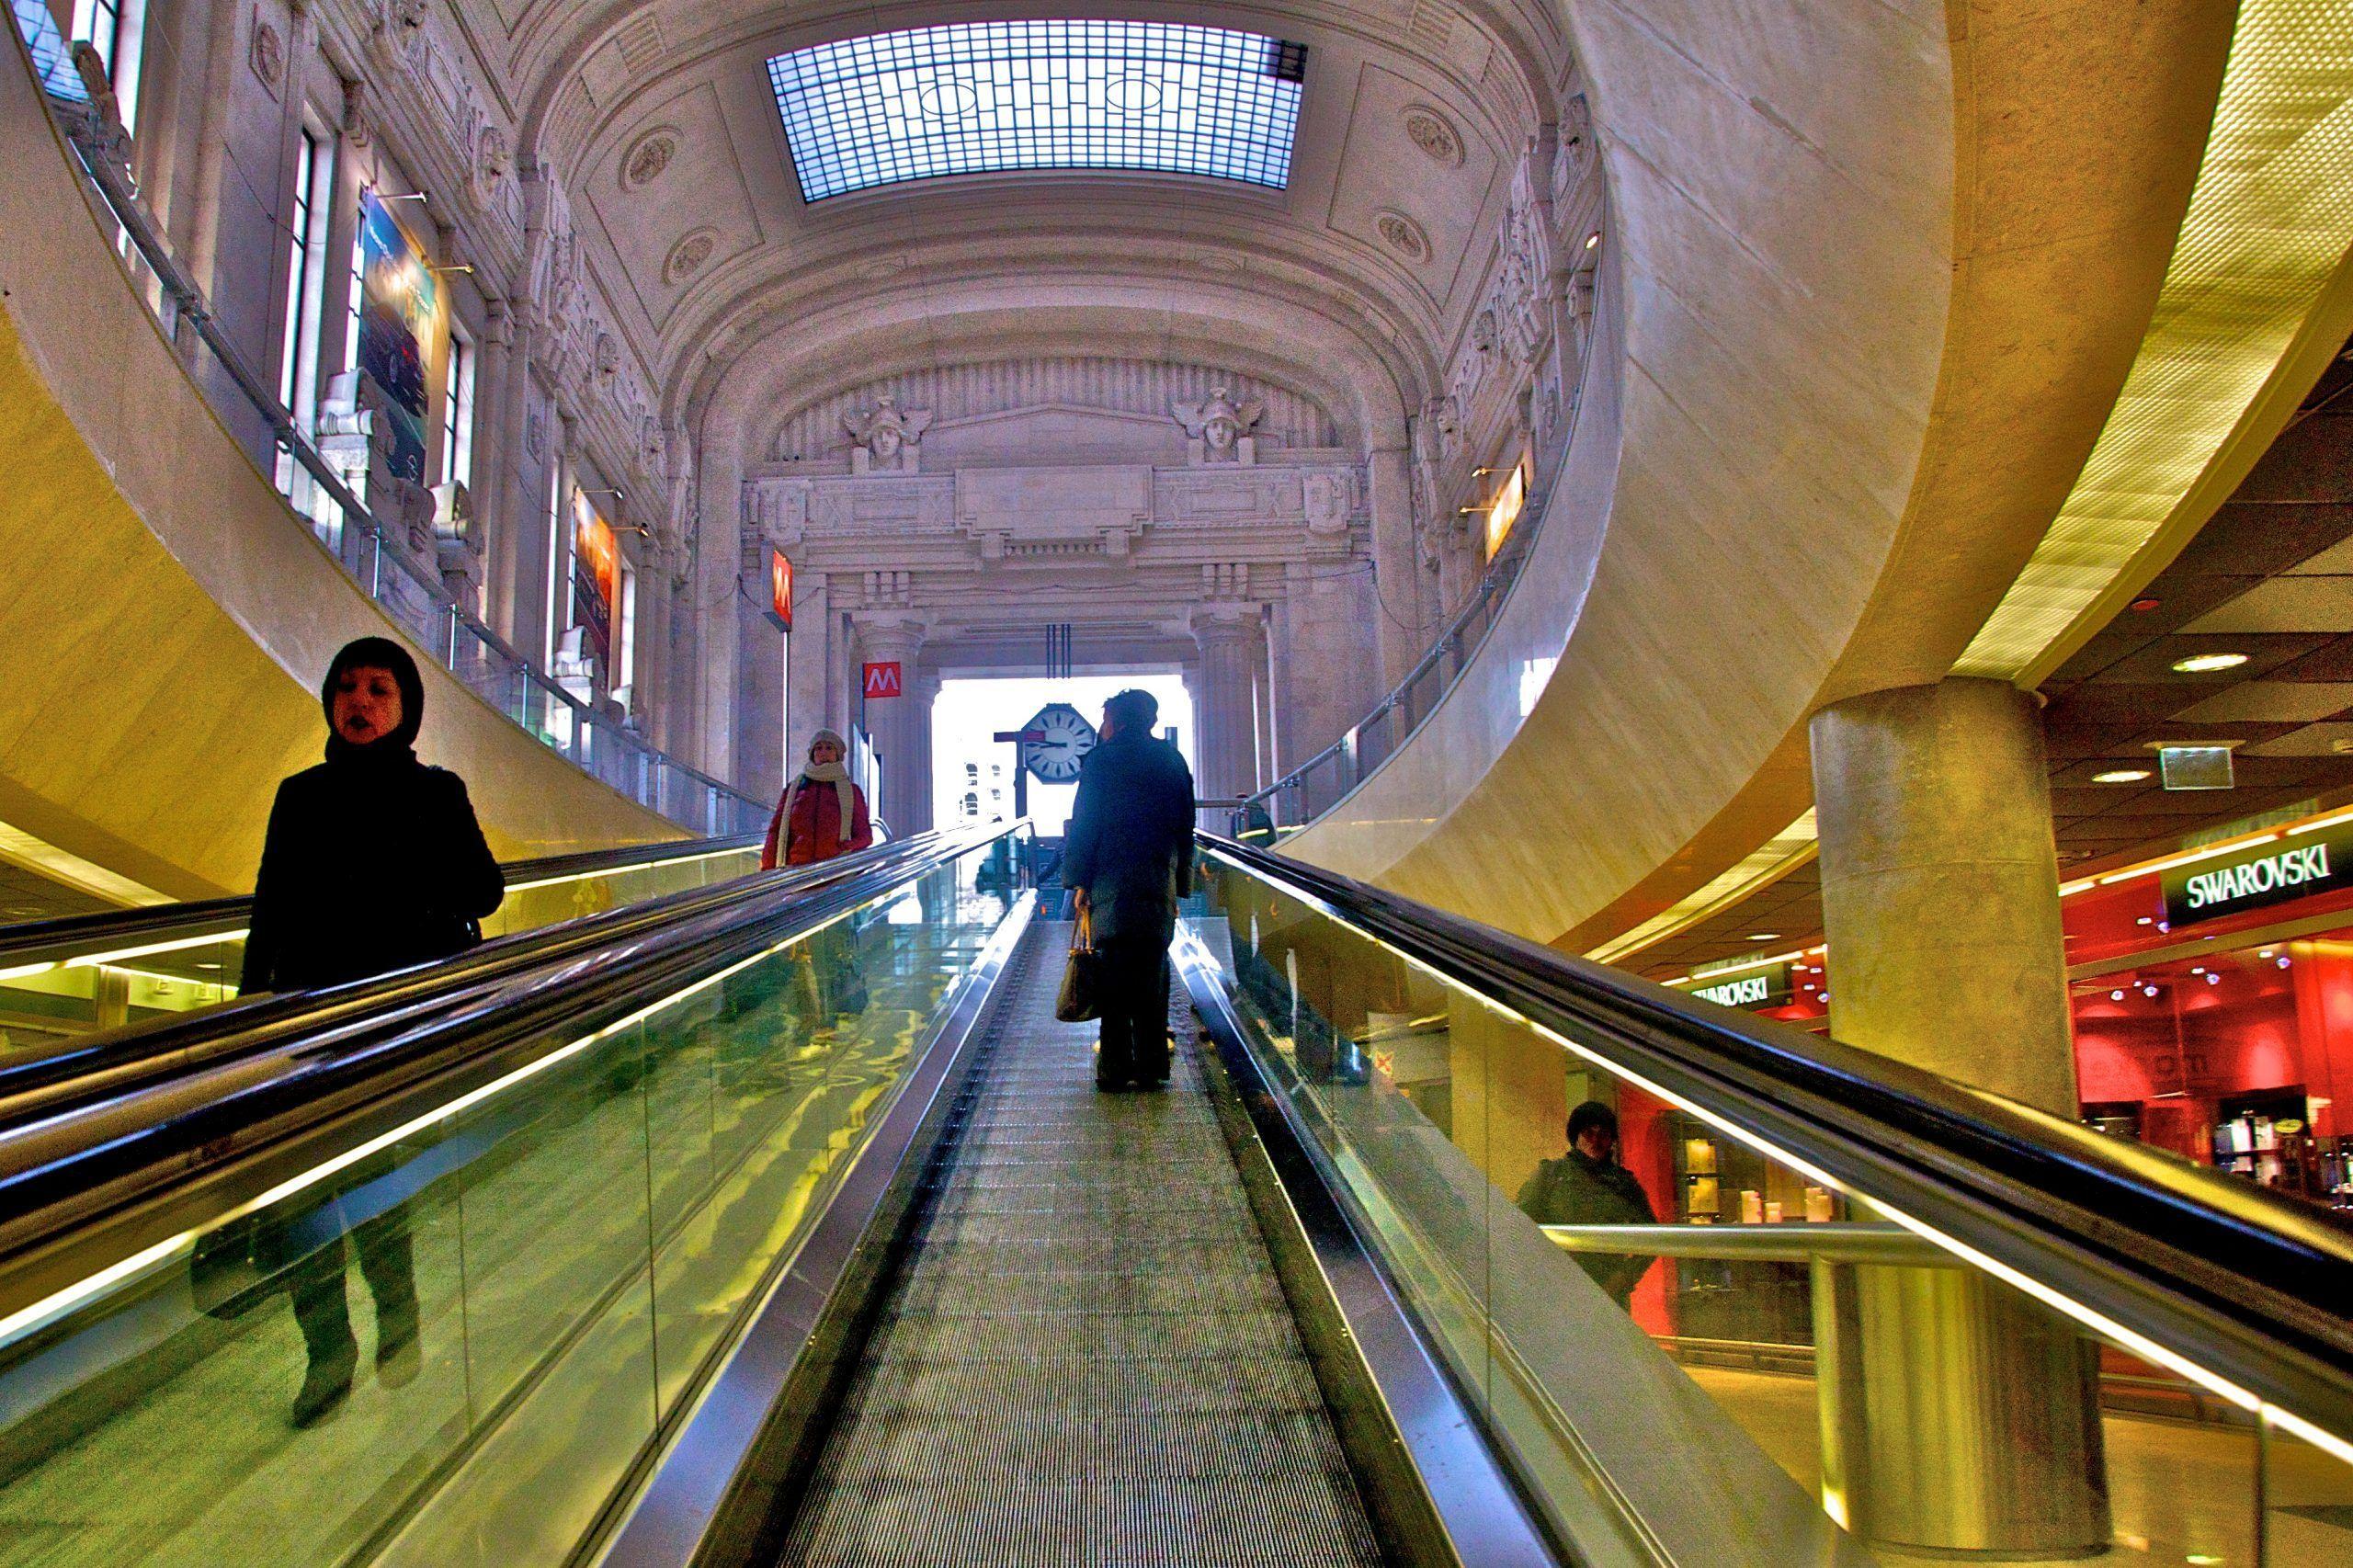 Milano, allarme bomba rientrato, il pacco abbandonato in metro conteneva una batteria